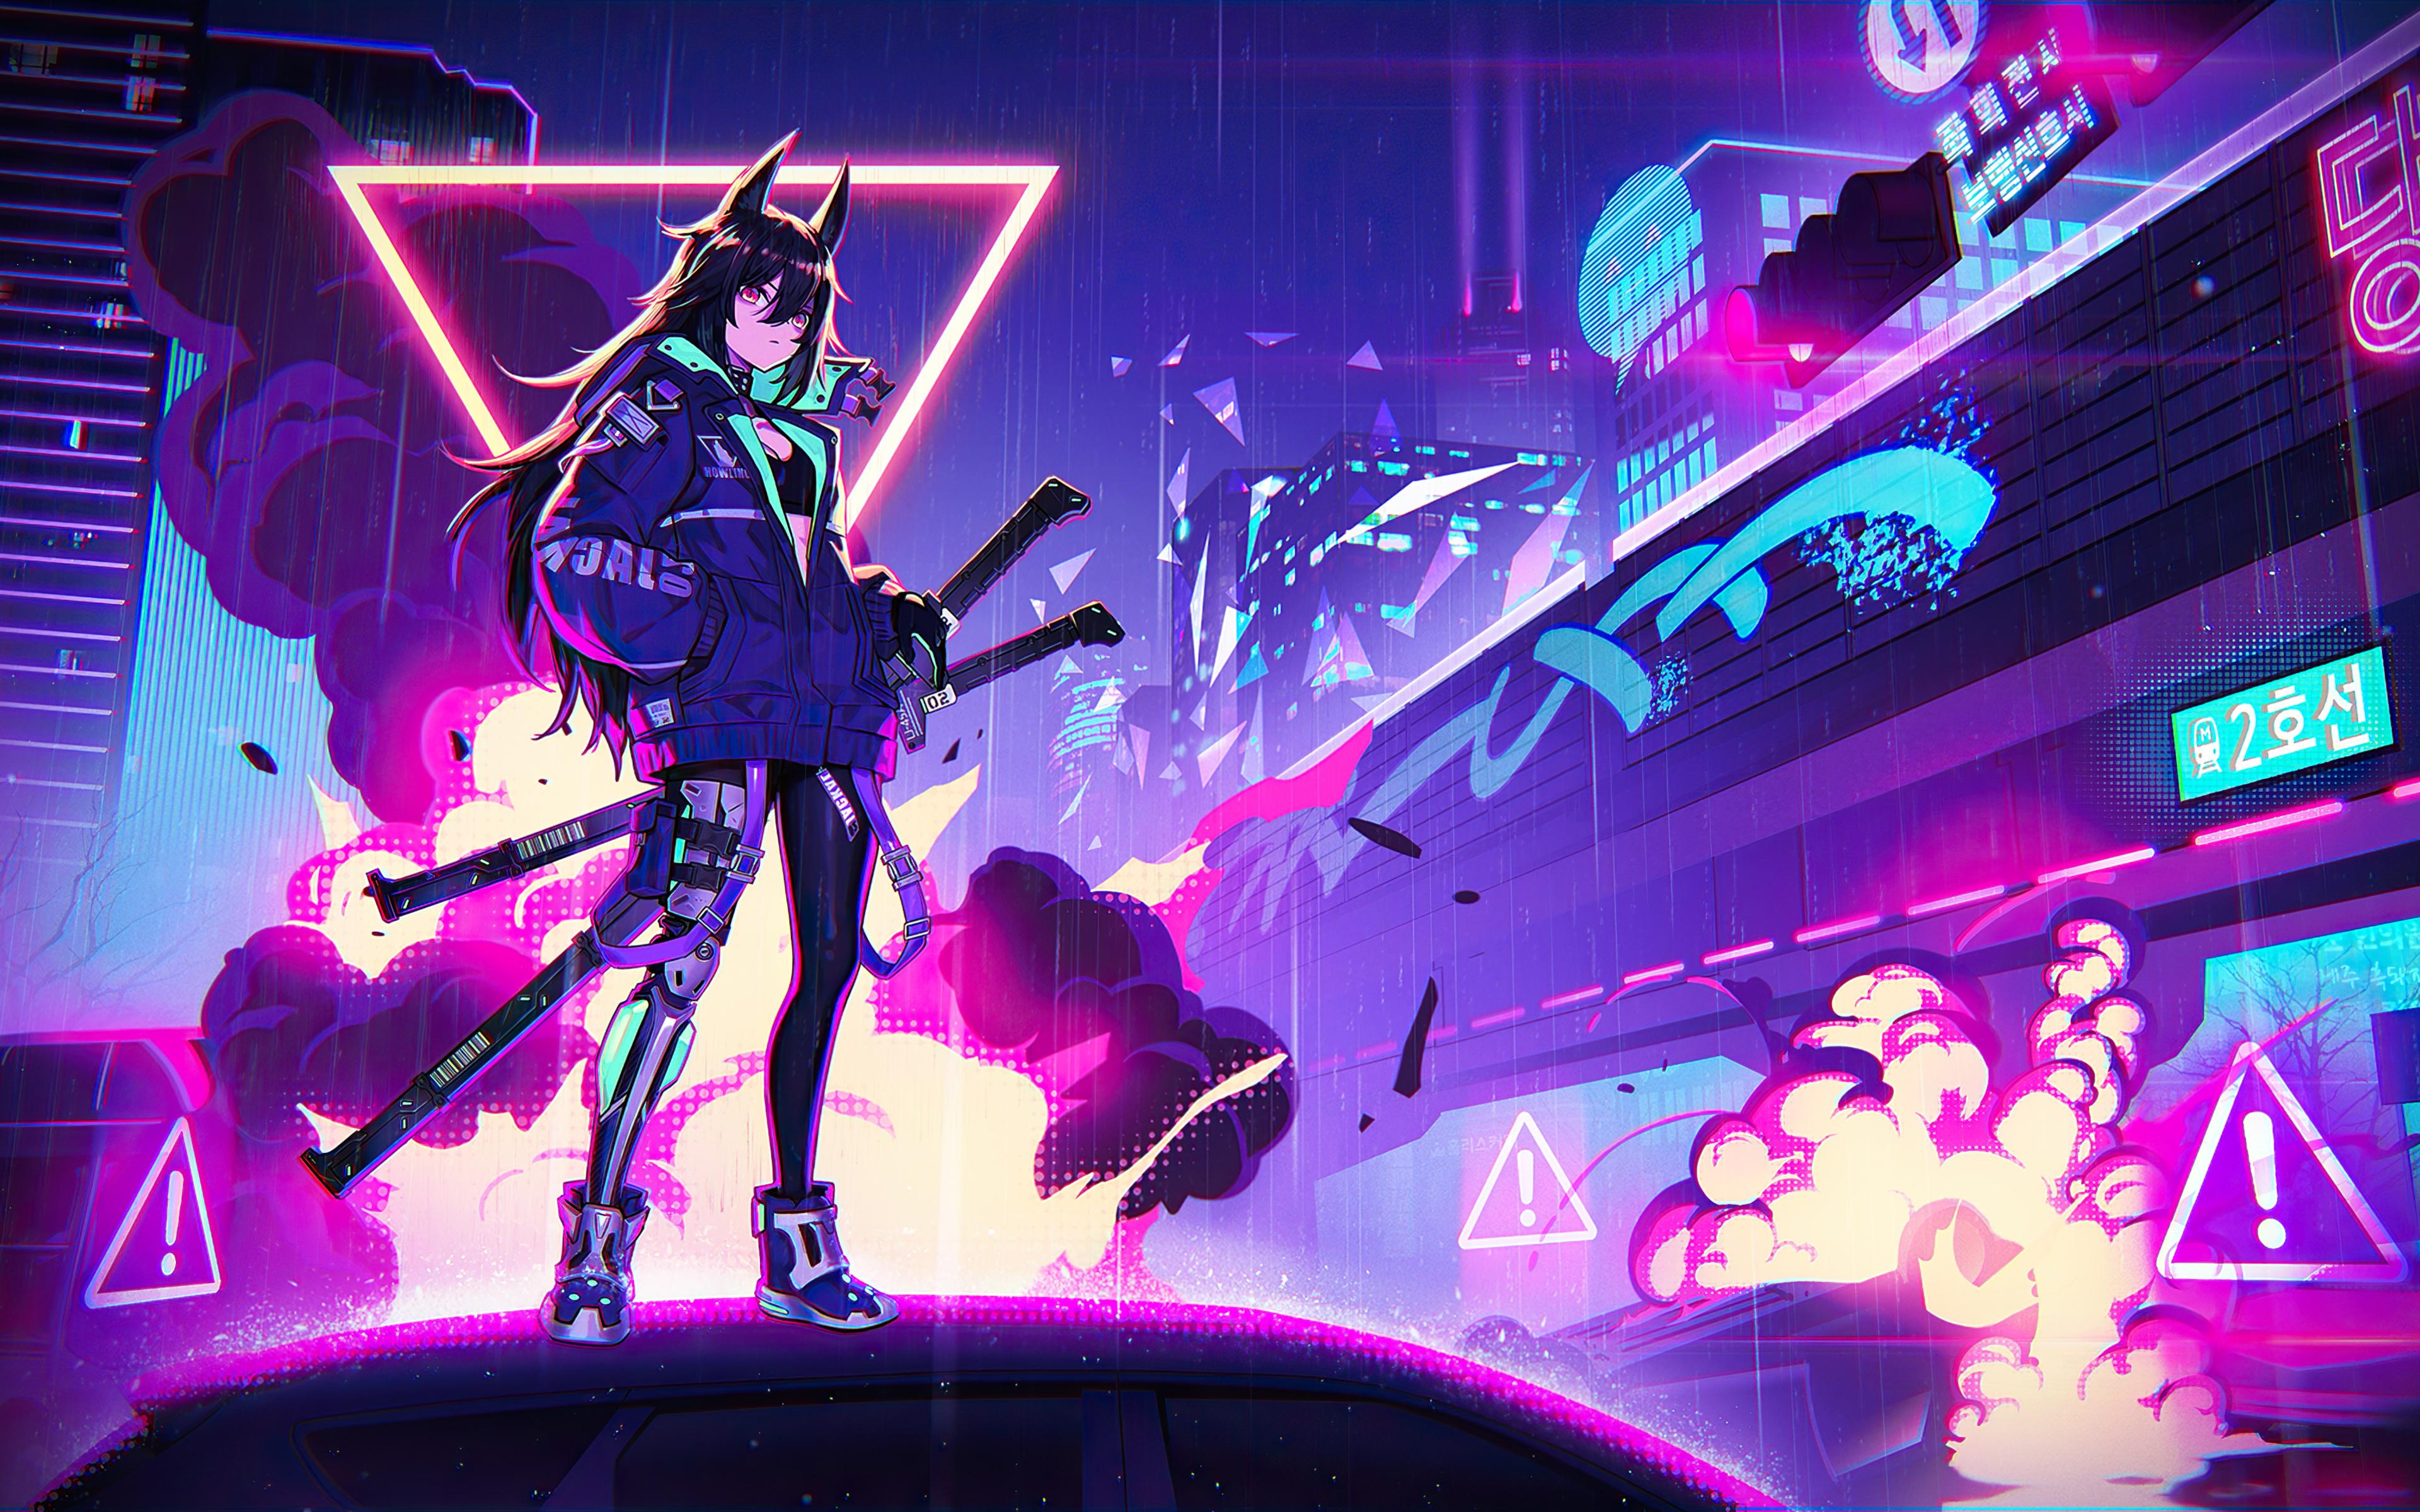 3840x2400 Katana Anime Girl Neon 4k 4k HD 4k Wallpapers ...